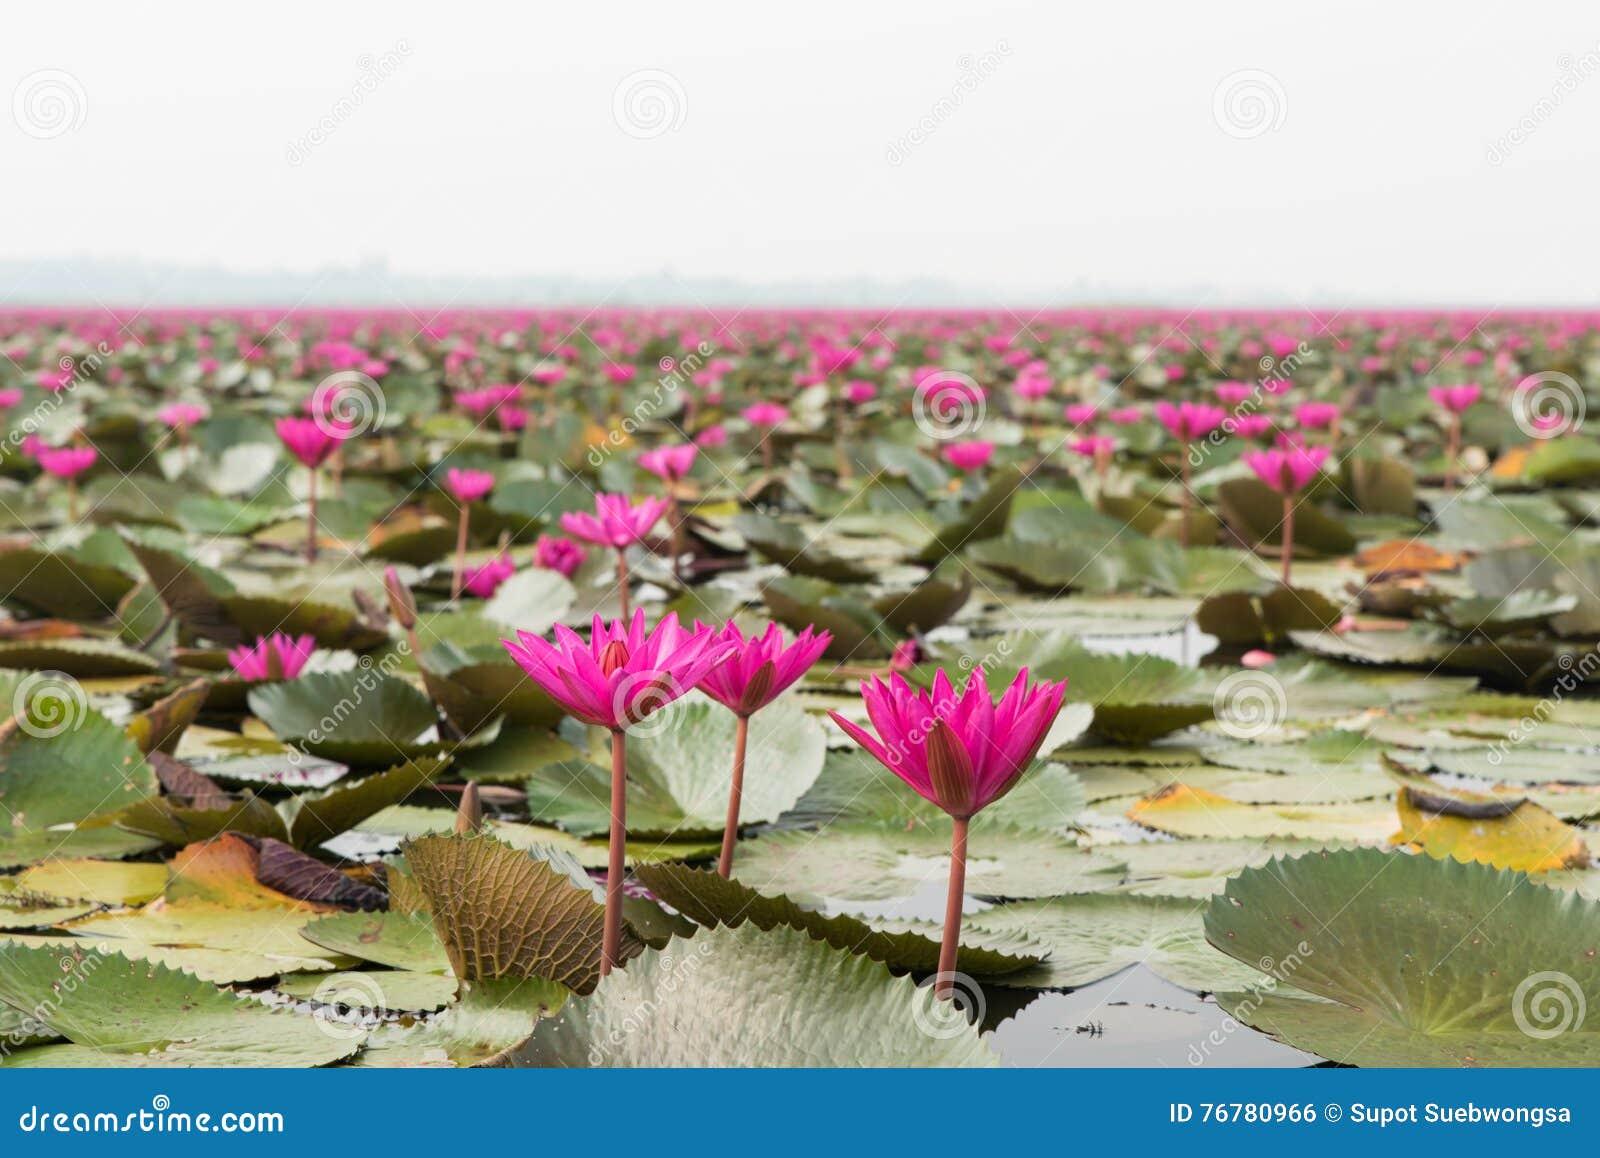 Озеро розового ландшафта лилии воды в Udonthani